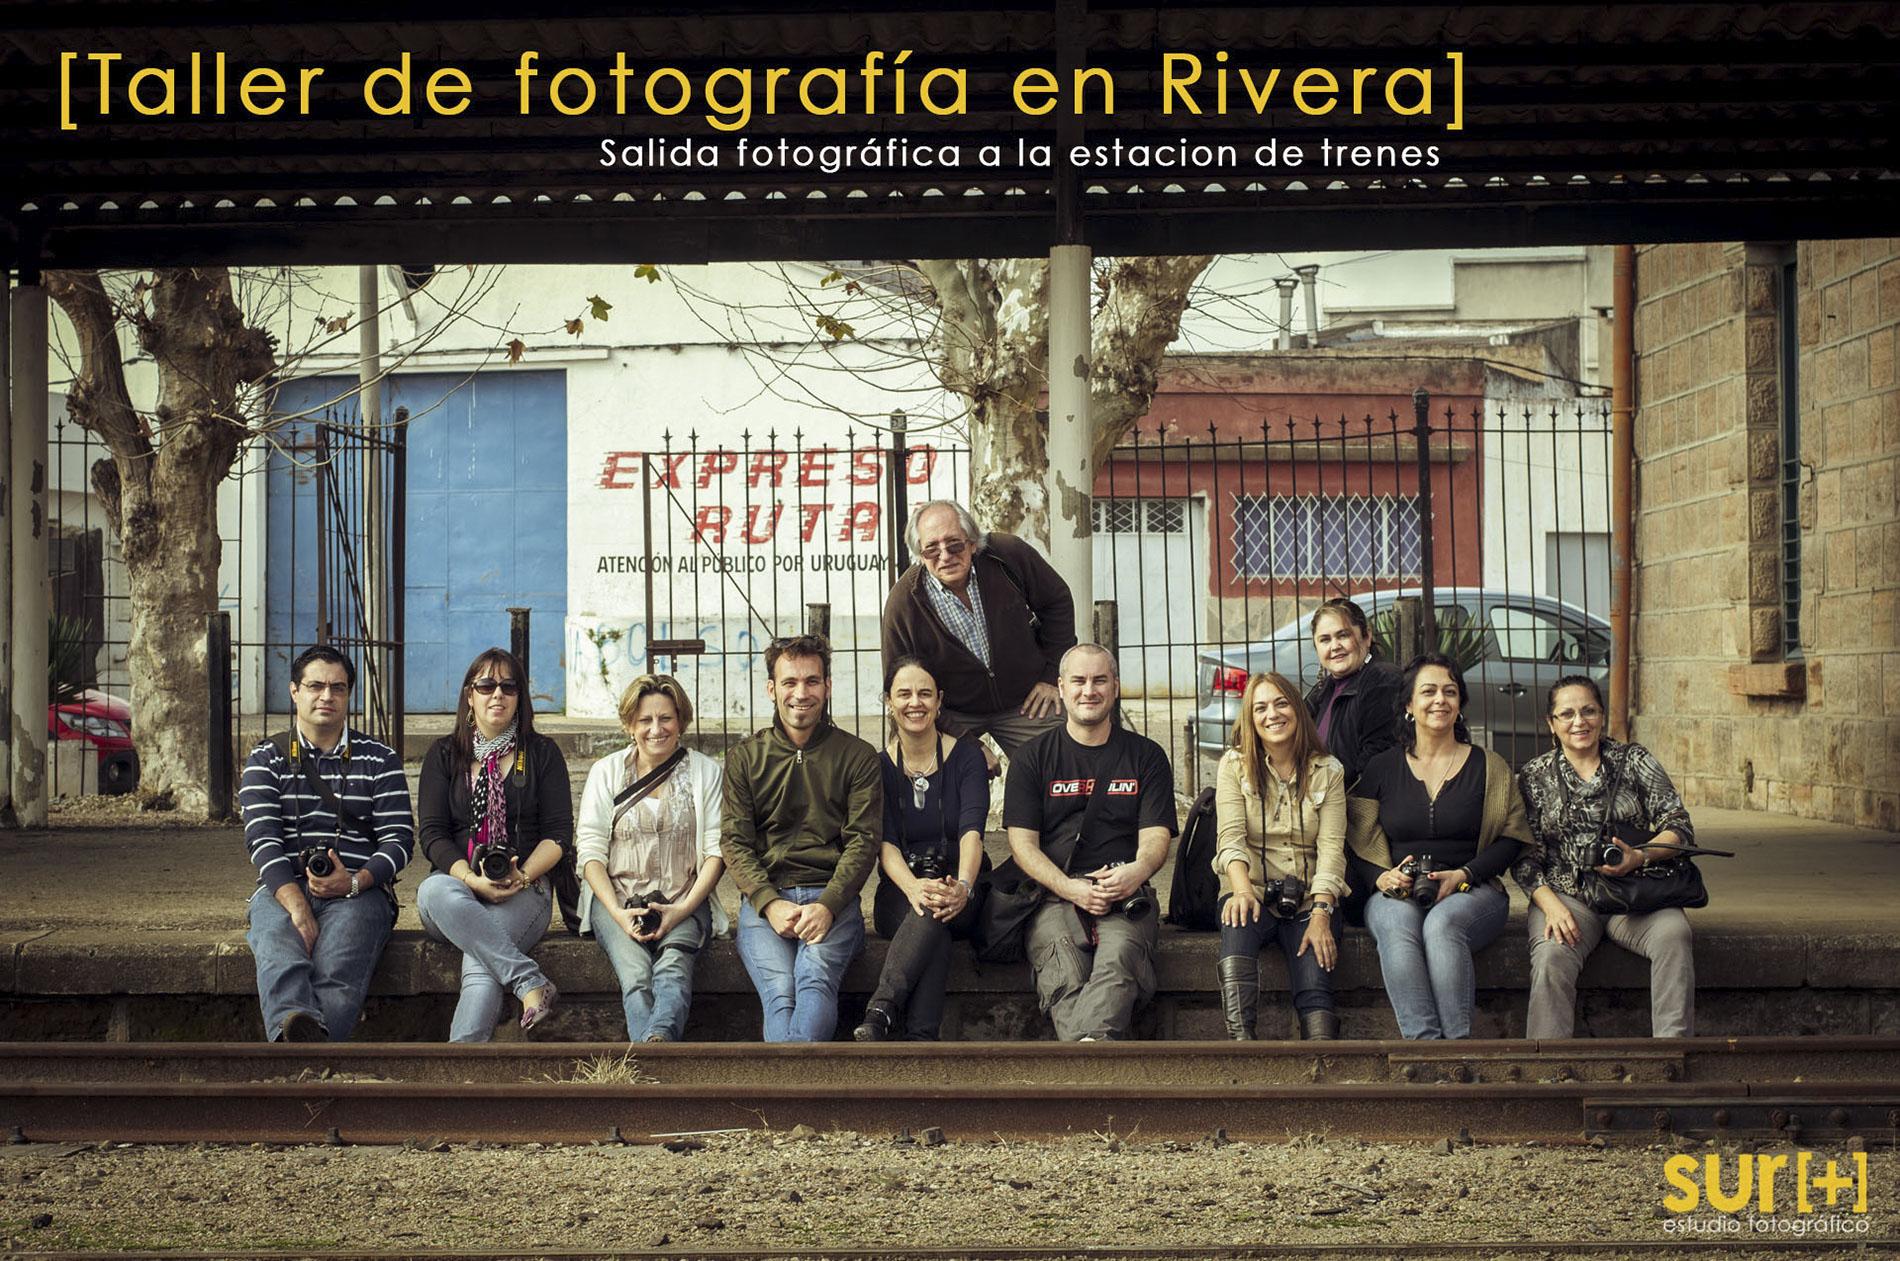 Taller de fotografía en Rivera - Vol. I